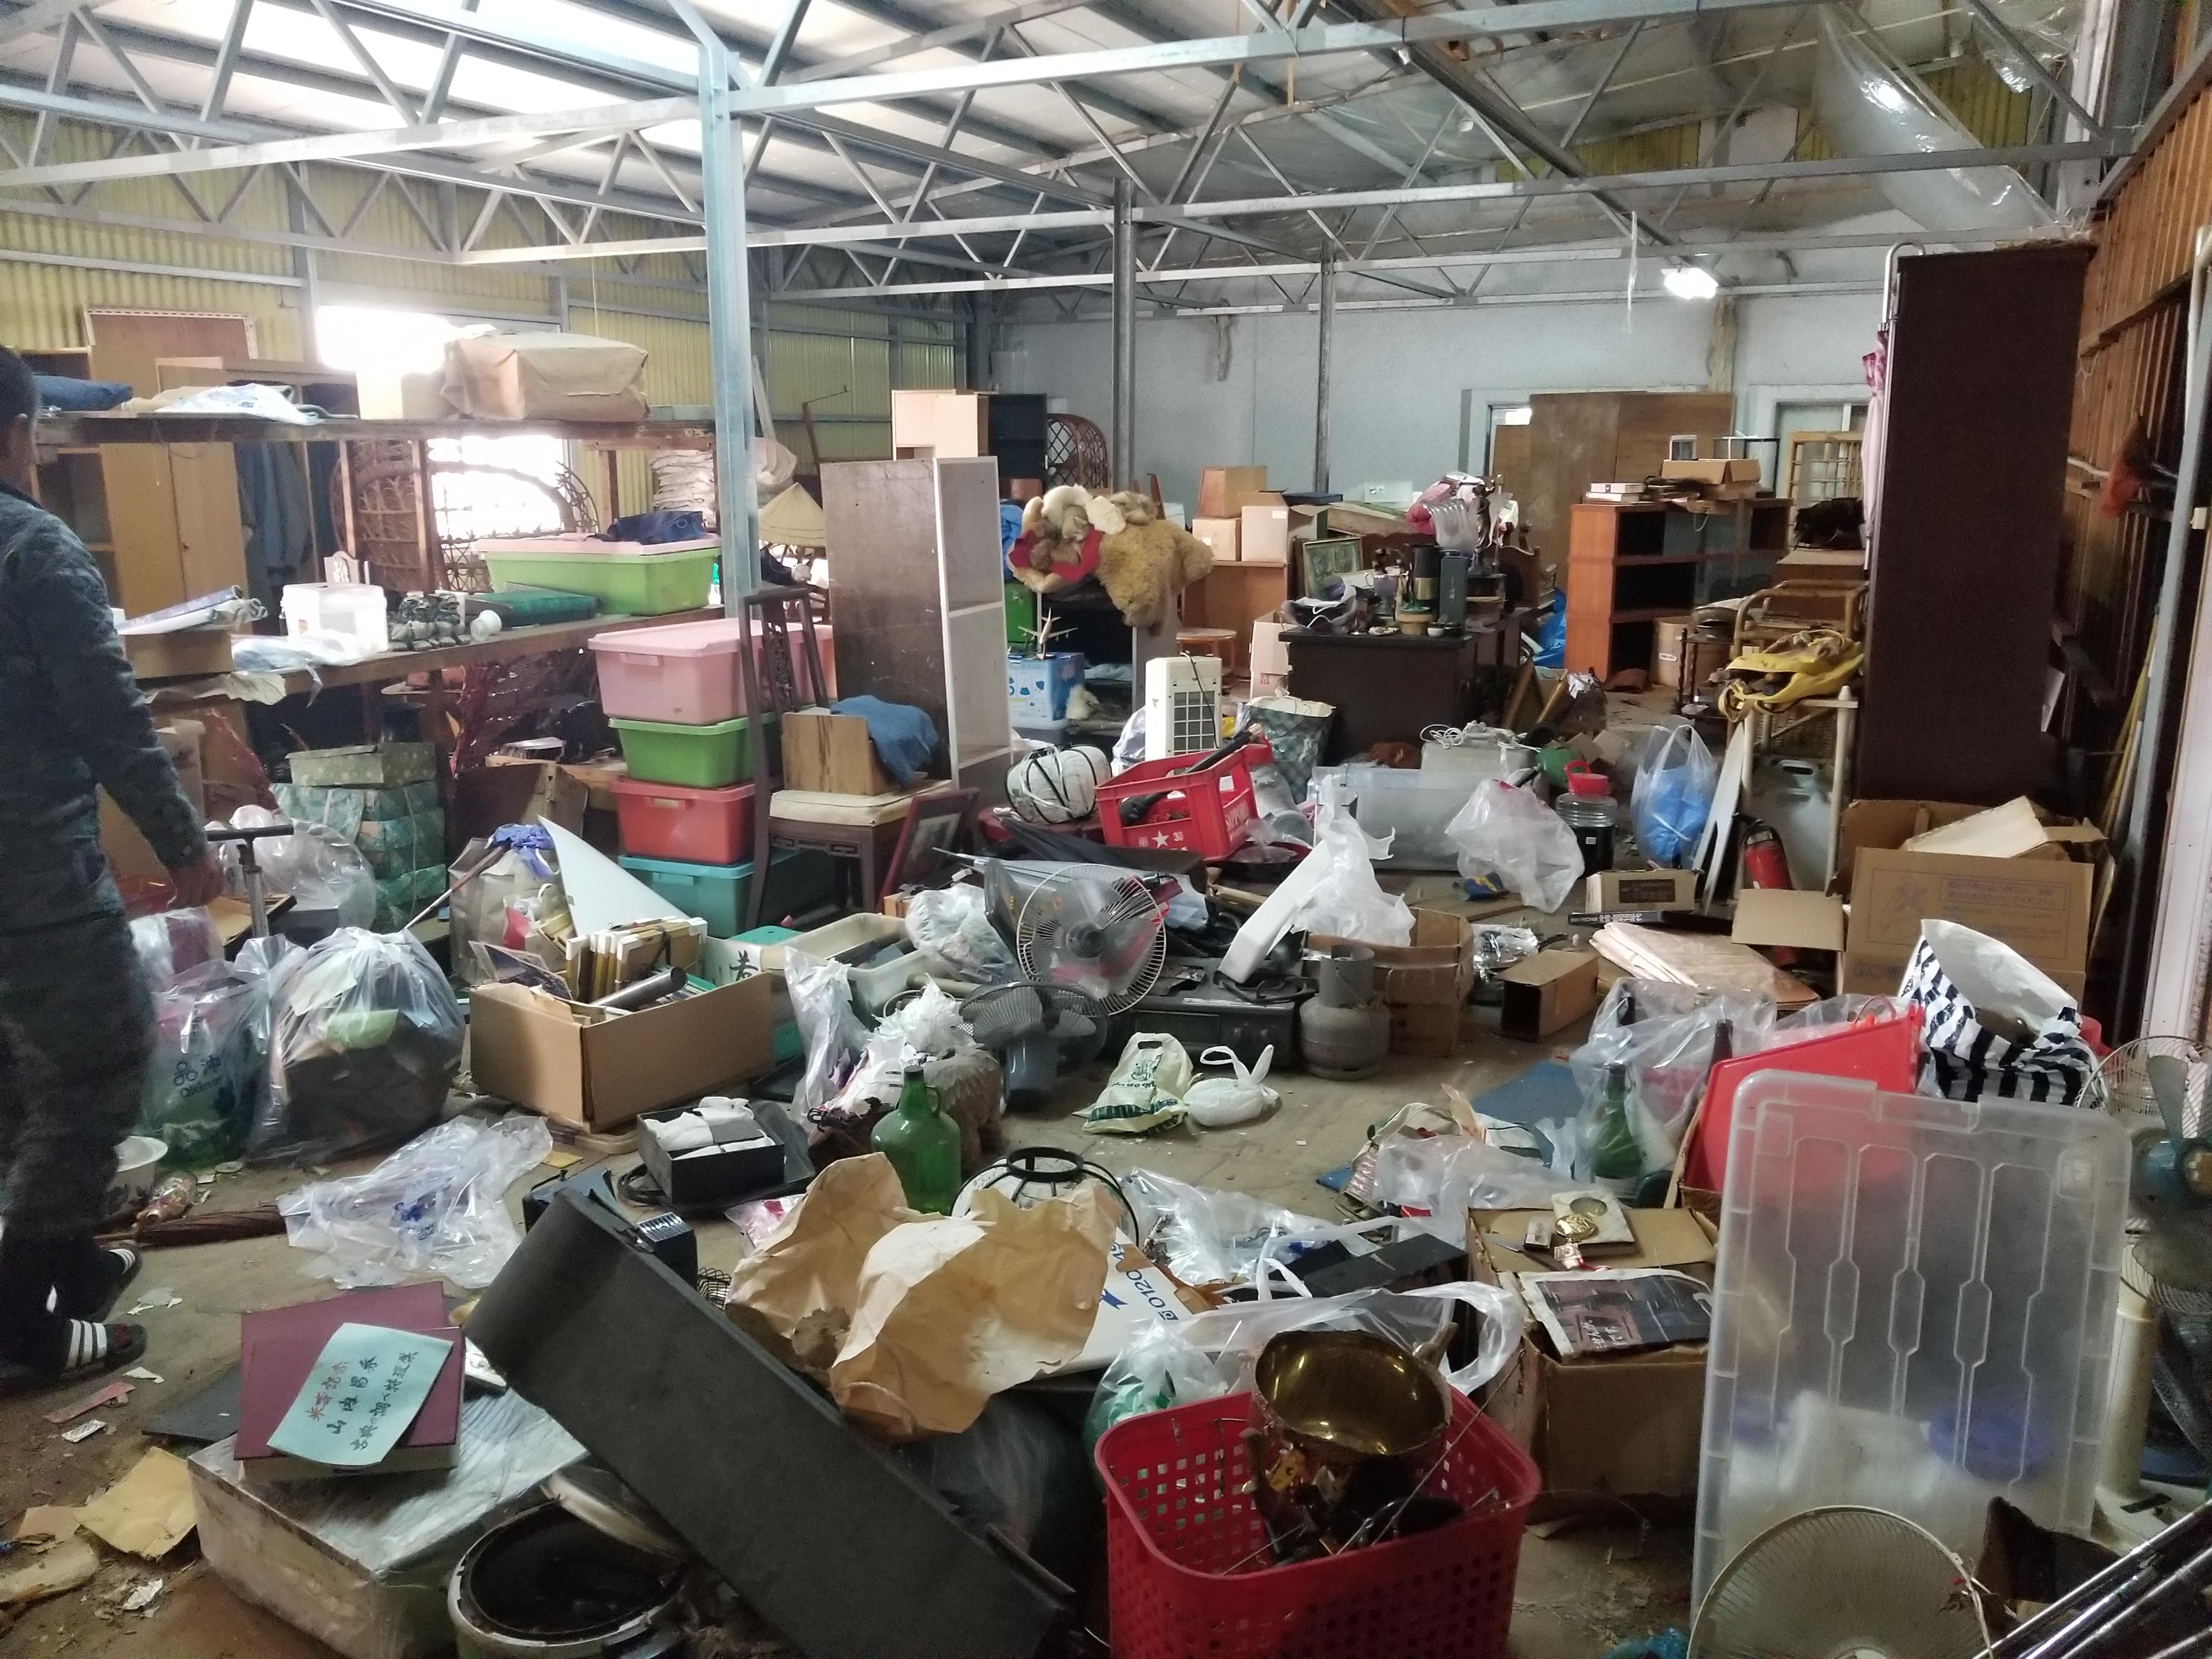 【南城市】お布団やタンスなどの家財の回収☆2tトラック積み放題プランですべての不用品が処分できたと喜んで頂けました。